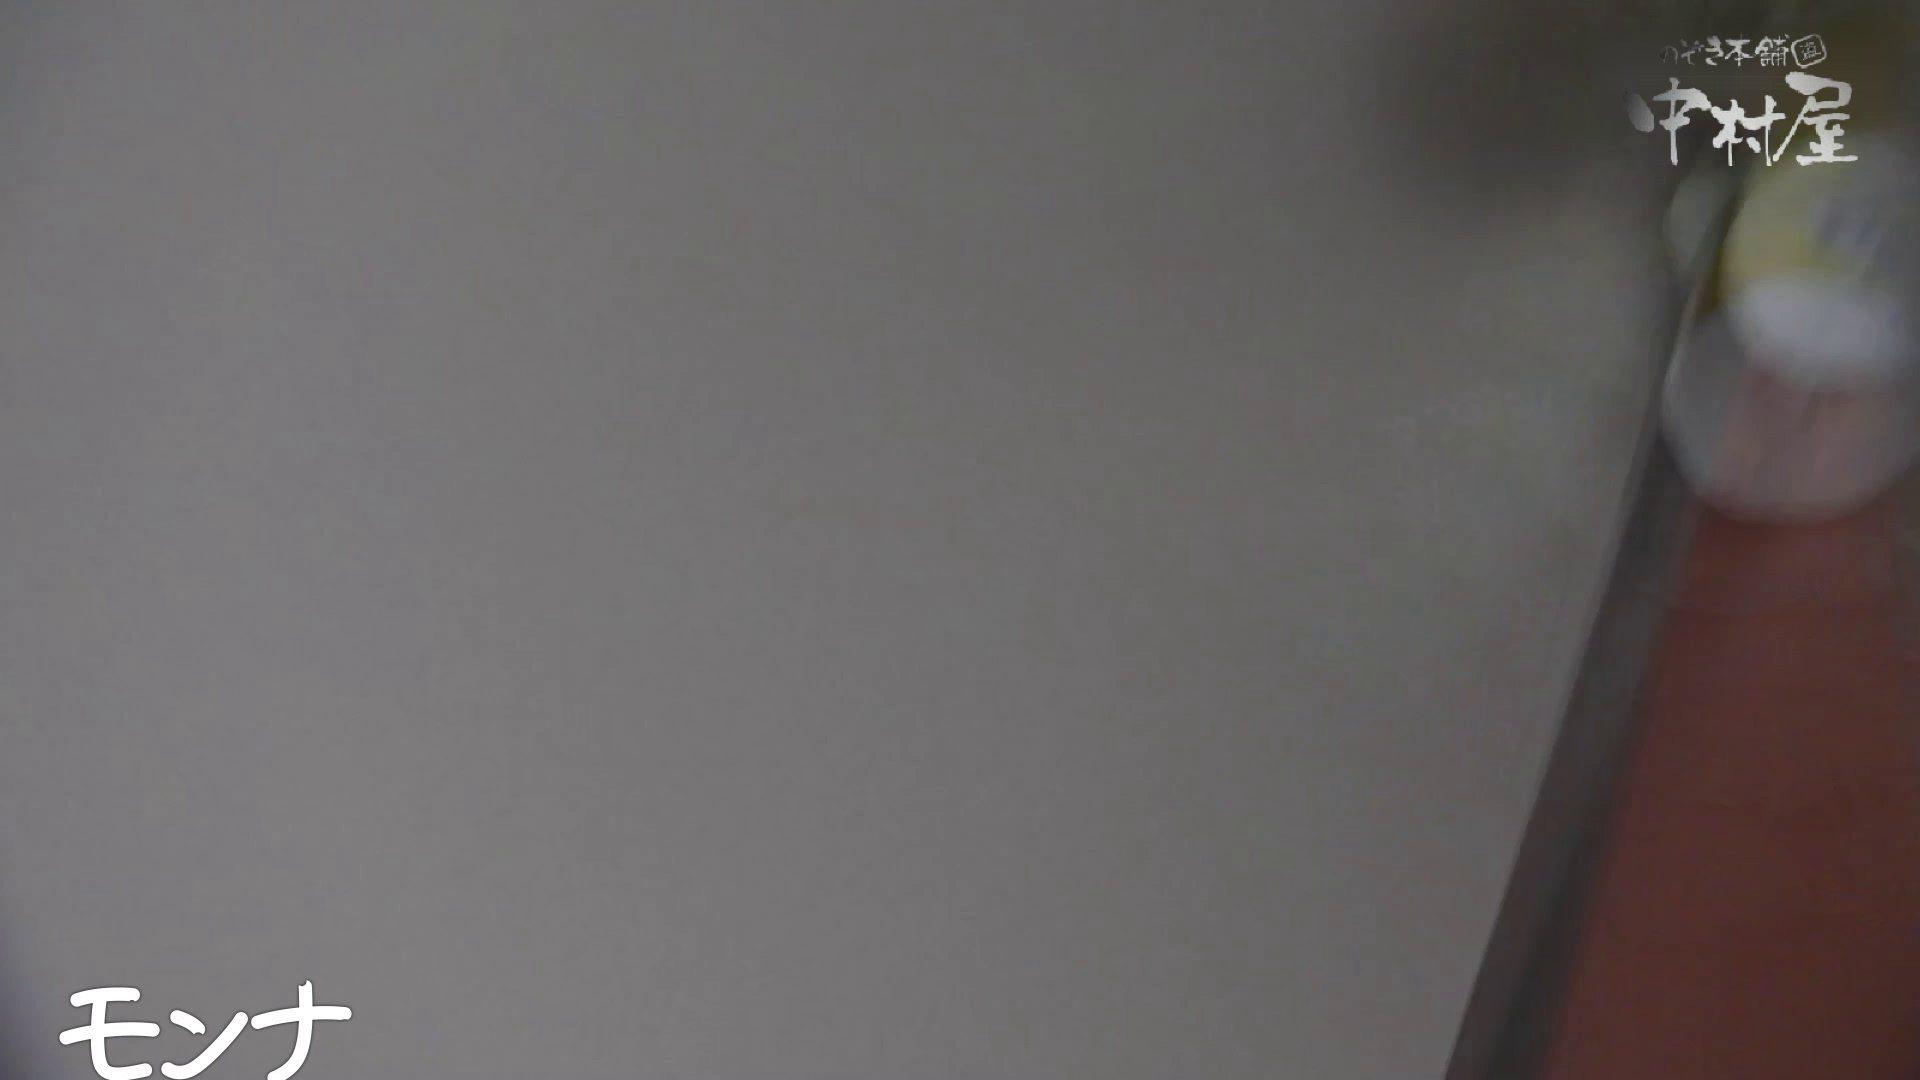 美しい日本の未来 No.52 顔とのギャップが!!清楚な顔の子はボウボウ おまんこ特別編 AV動画キャプチャ 60枚 34